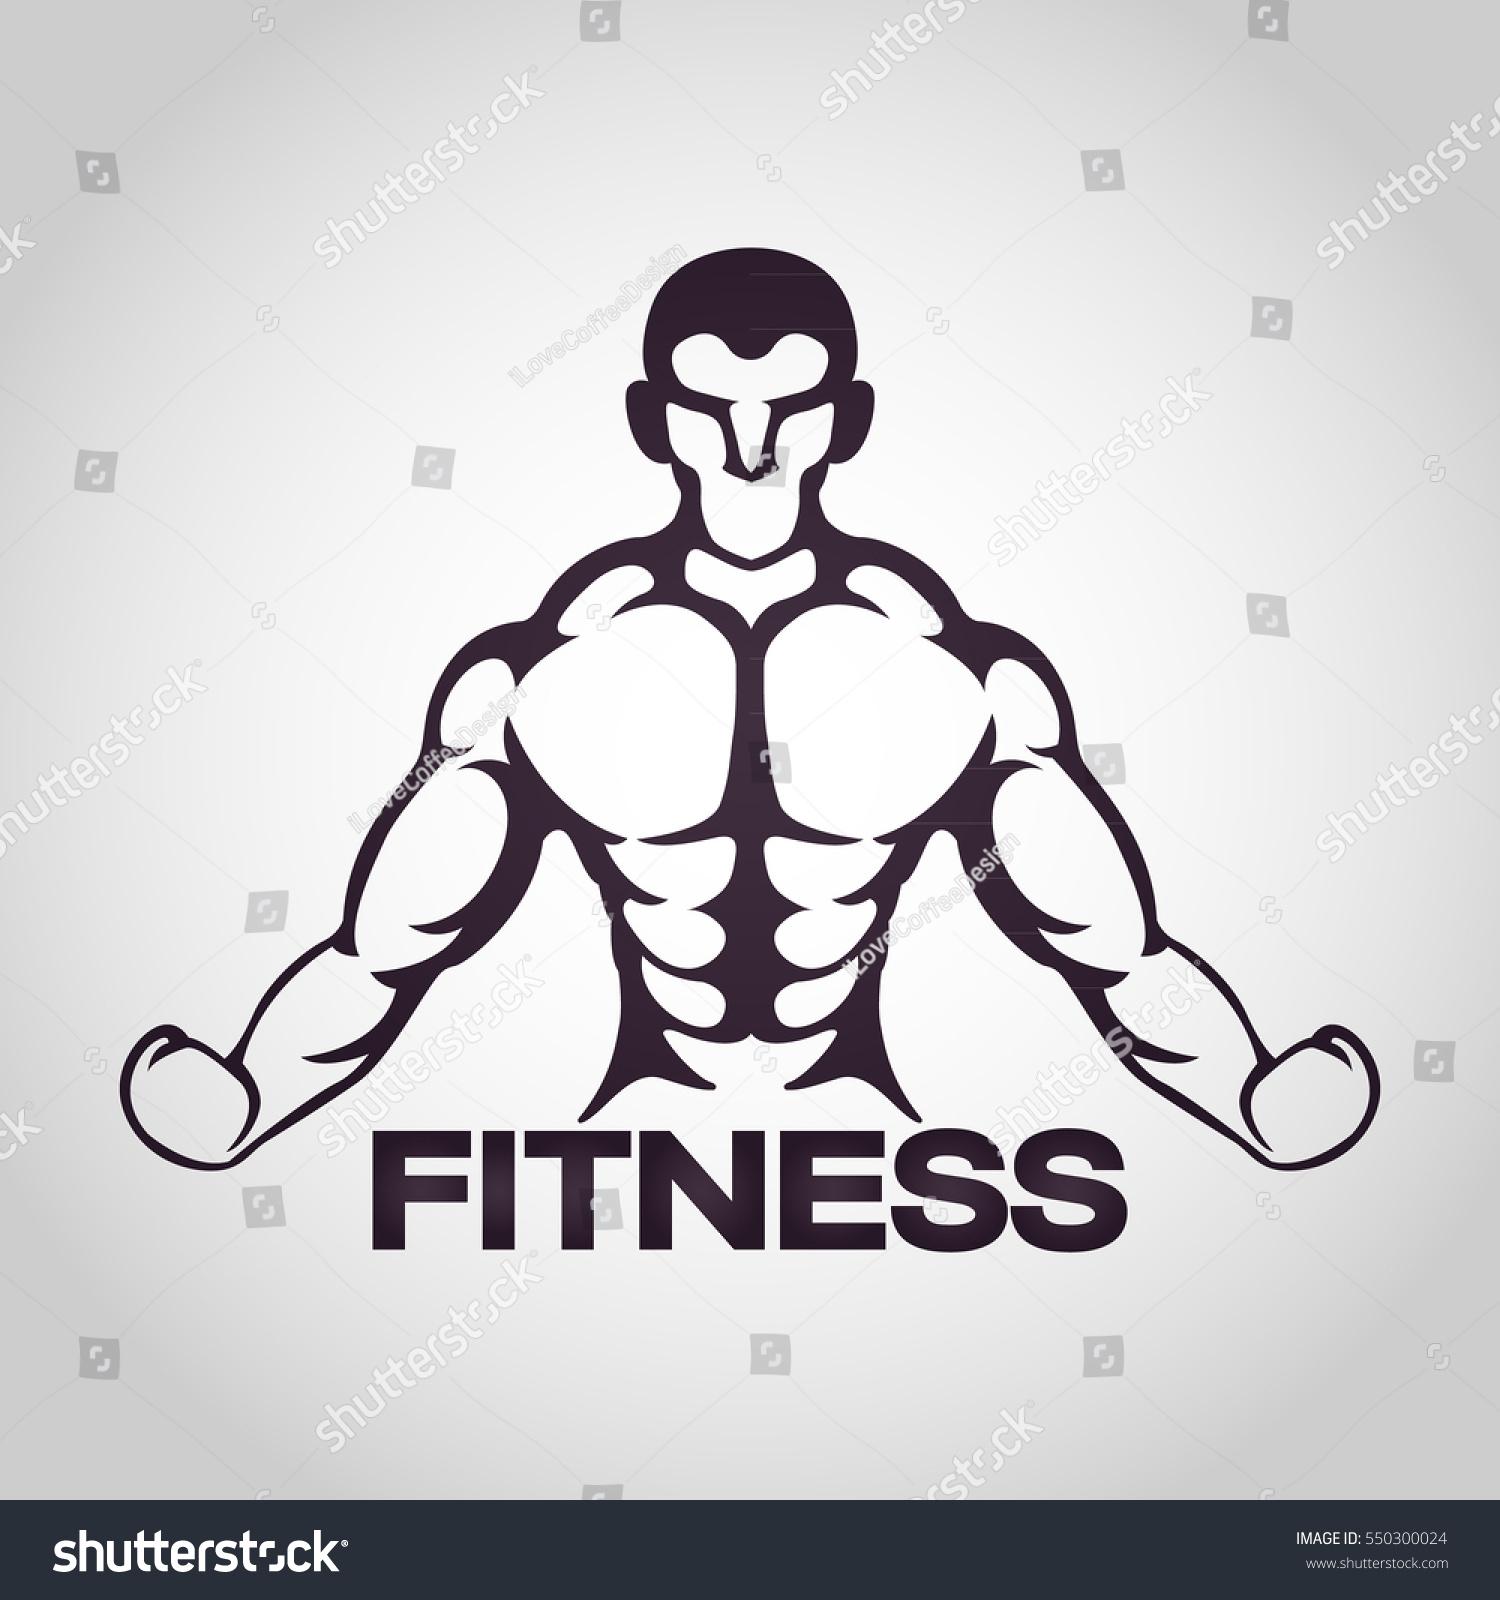 Fitness Logo Vector Icon Design Stock Vector 550300024 - Shutterstock for Physical Fitness Design  75tgx